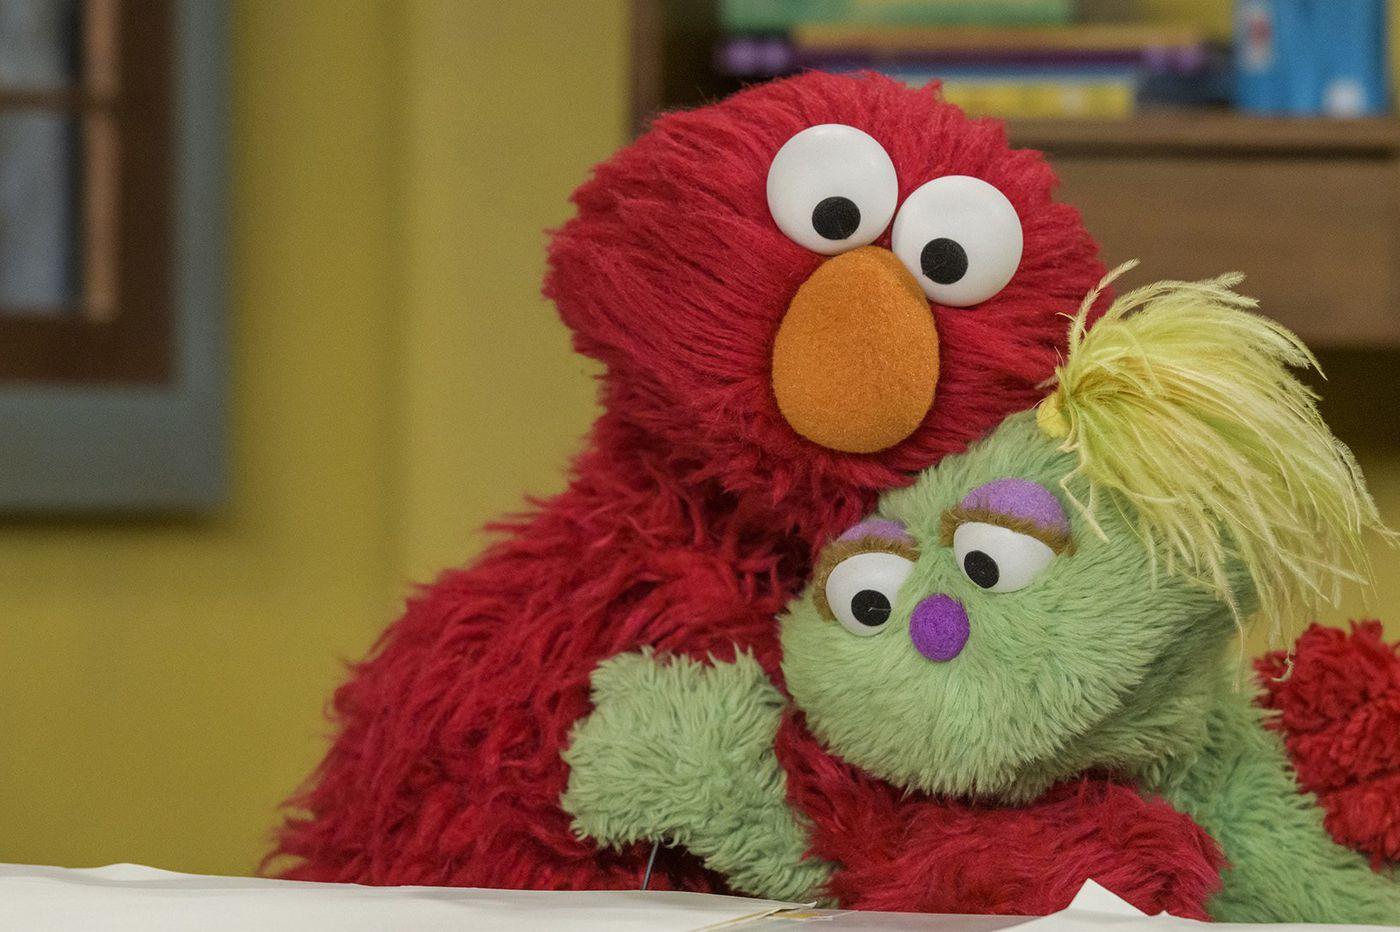 Image courtesy of Sesame Workshop